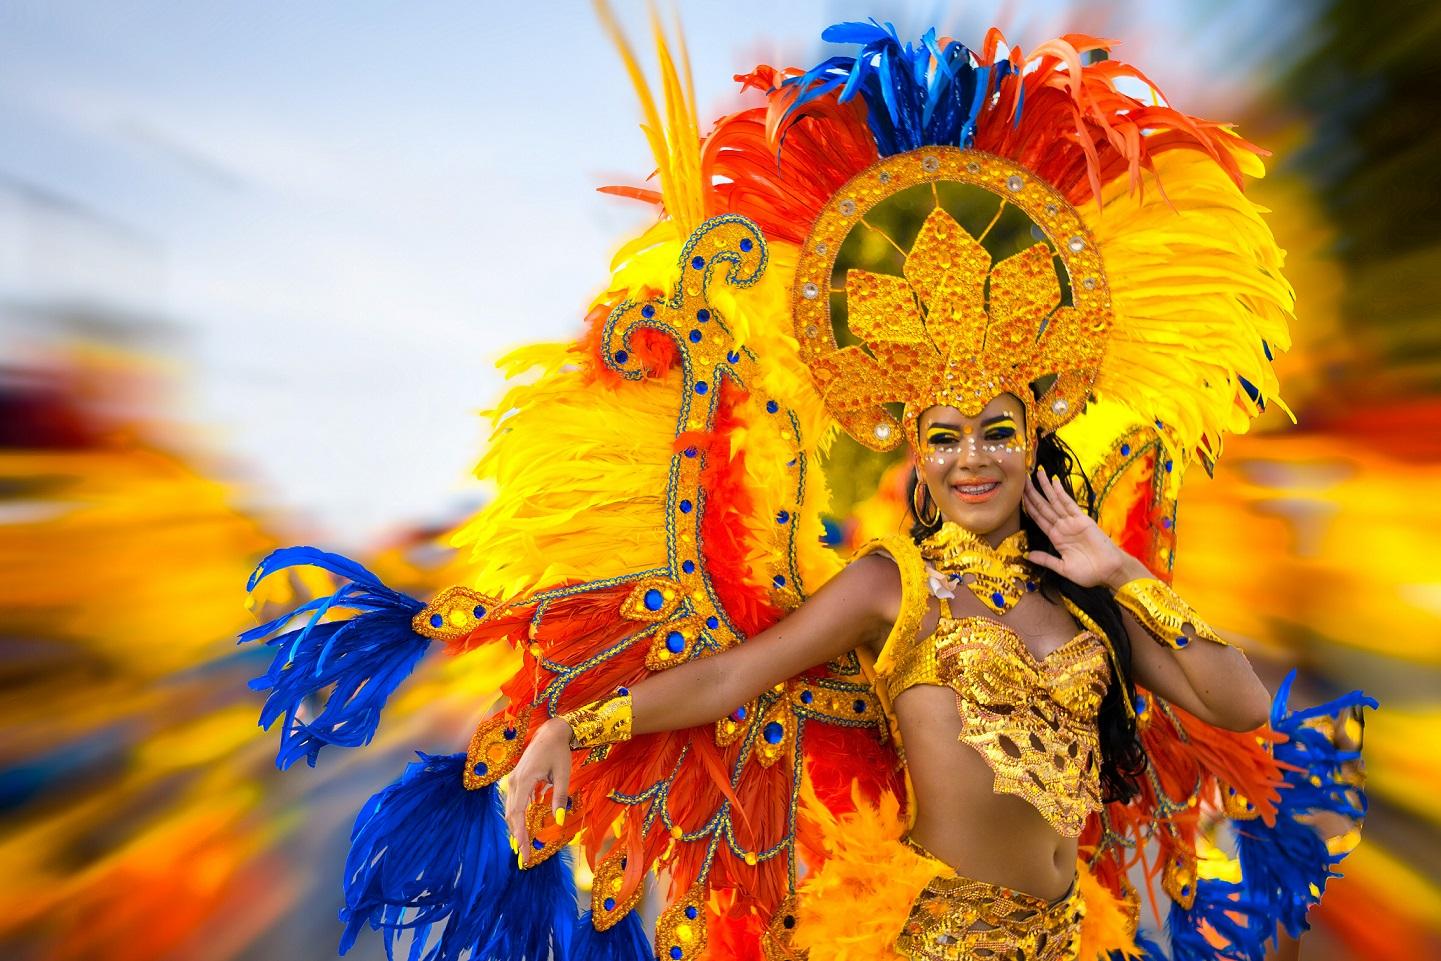 Las Comparsas en el Carnaval de Barranquilla